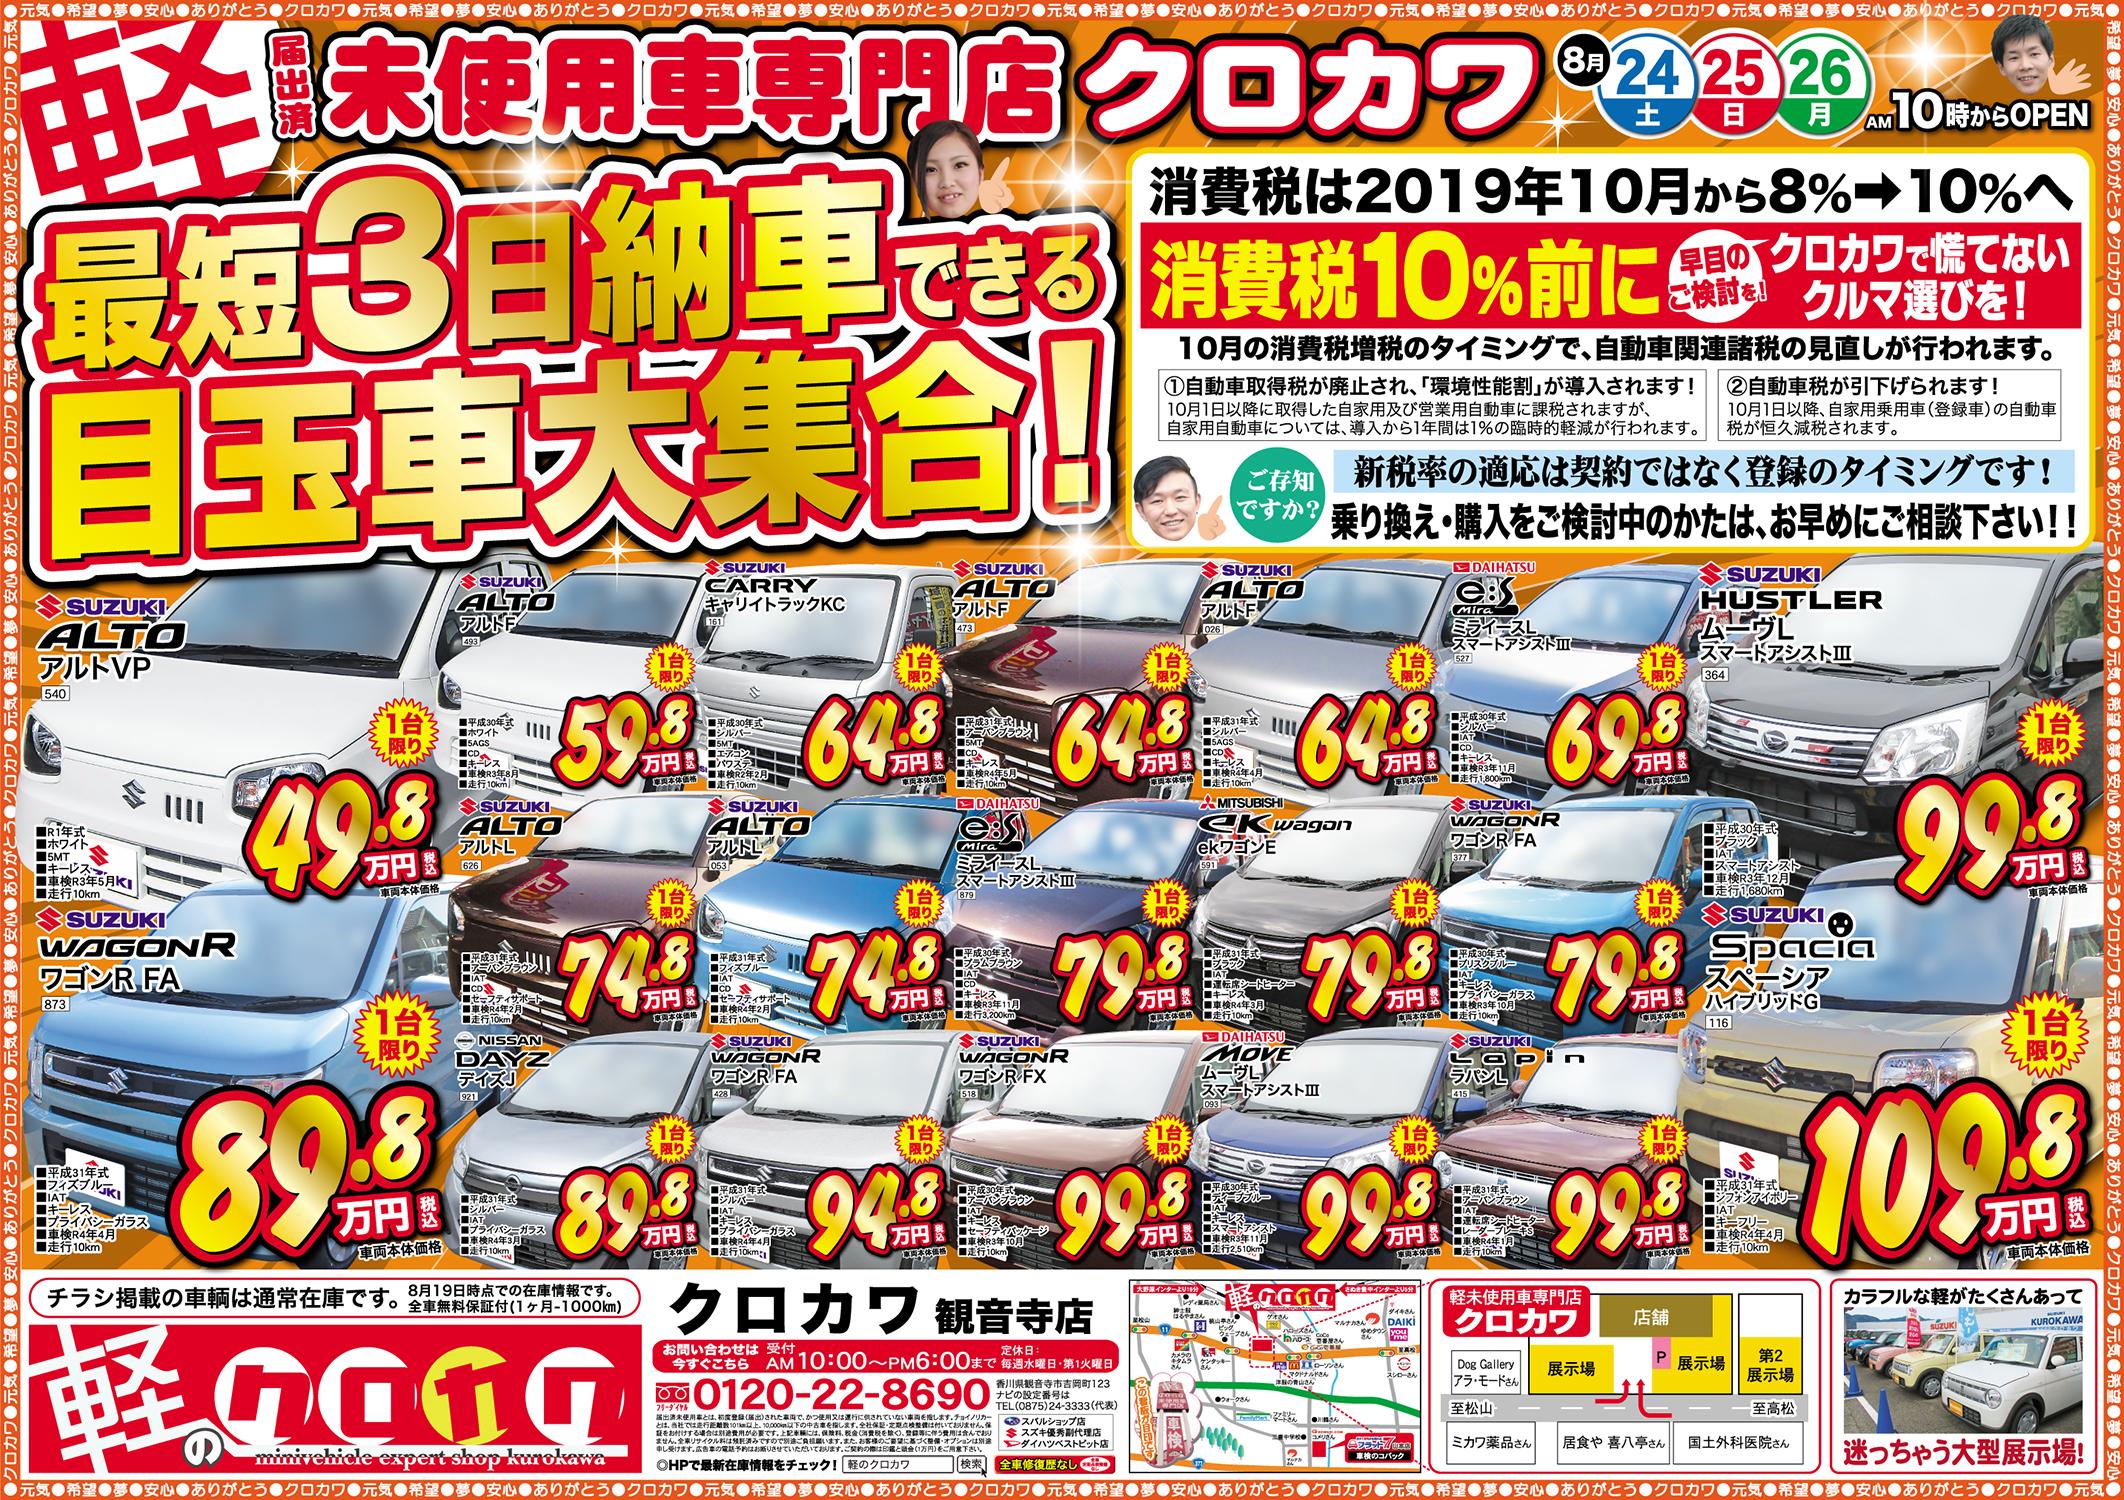 【消費税10%前に】最短3日納車出来る目玉車大集合!